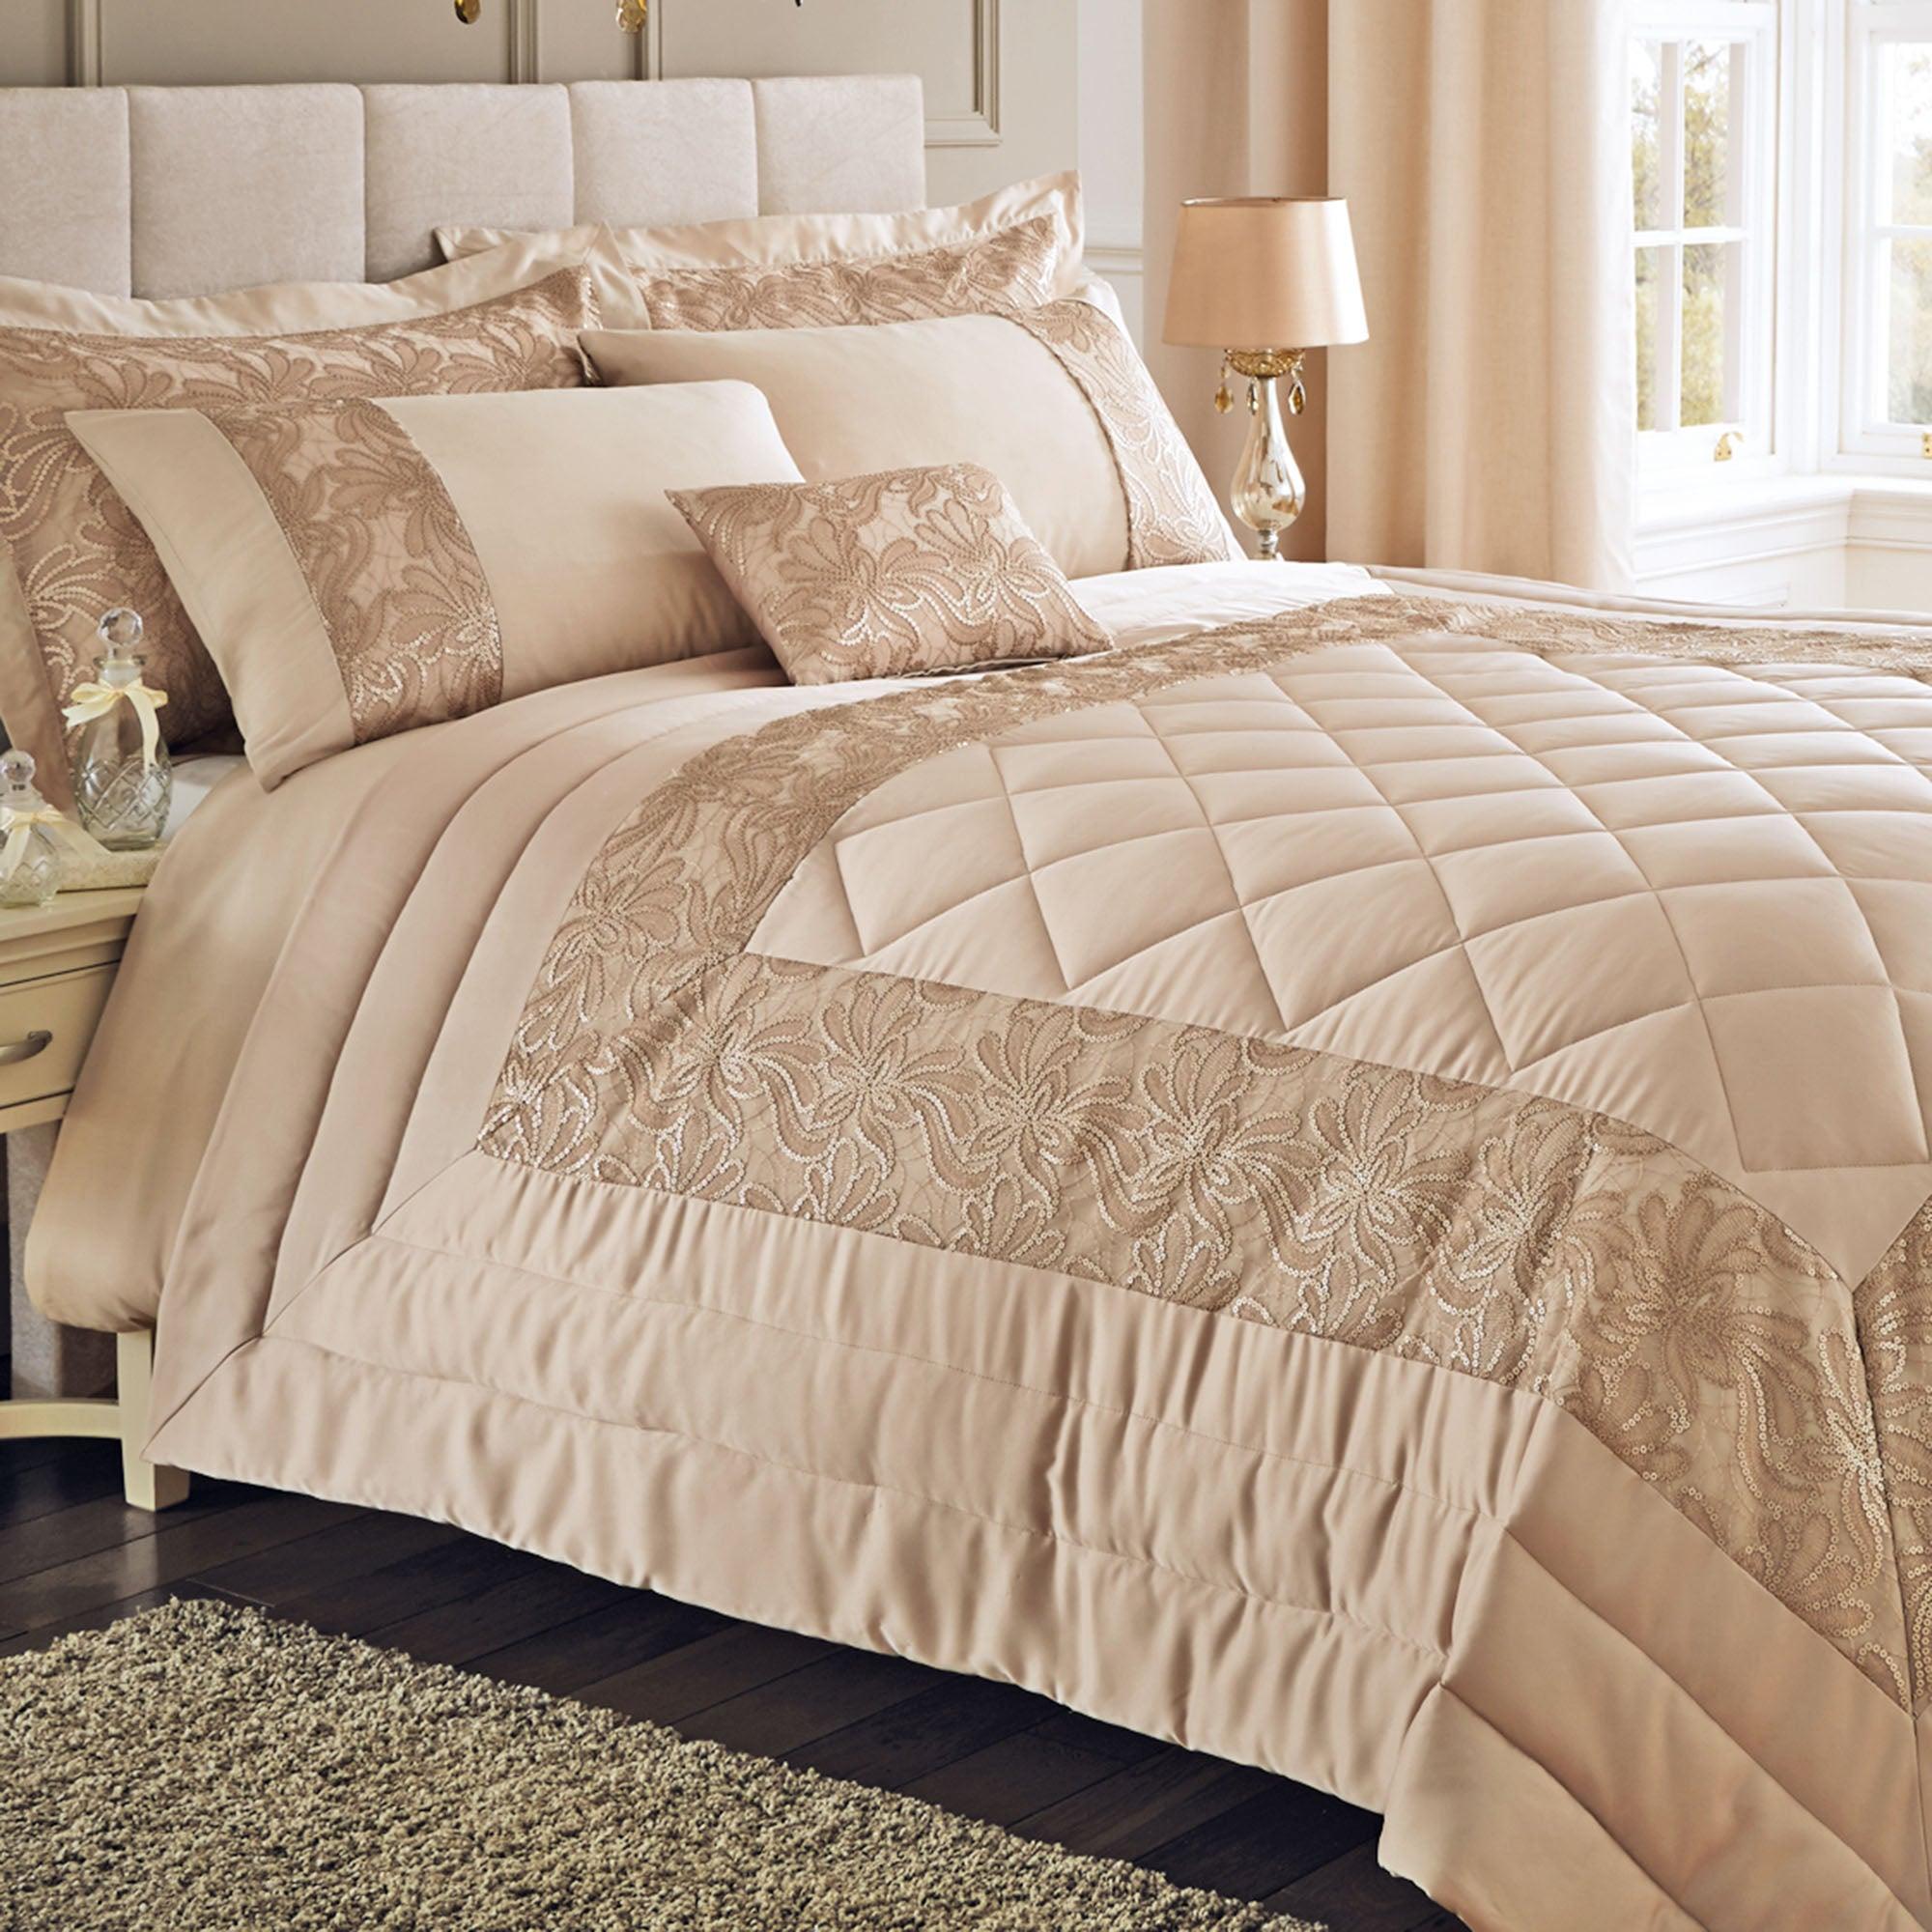 gold zetta collection bedspread dunelm. Black Bedroom Furniture Sets. Home Design Ideas